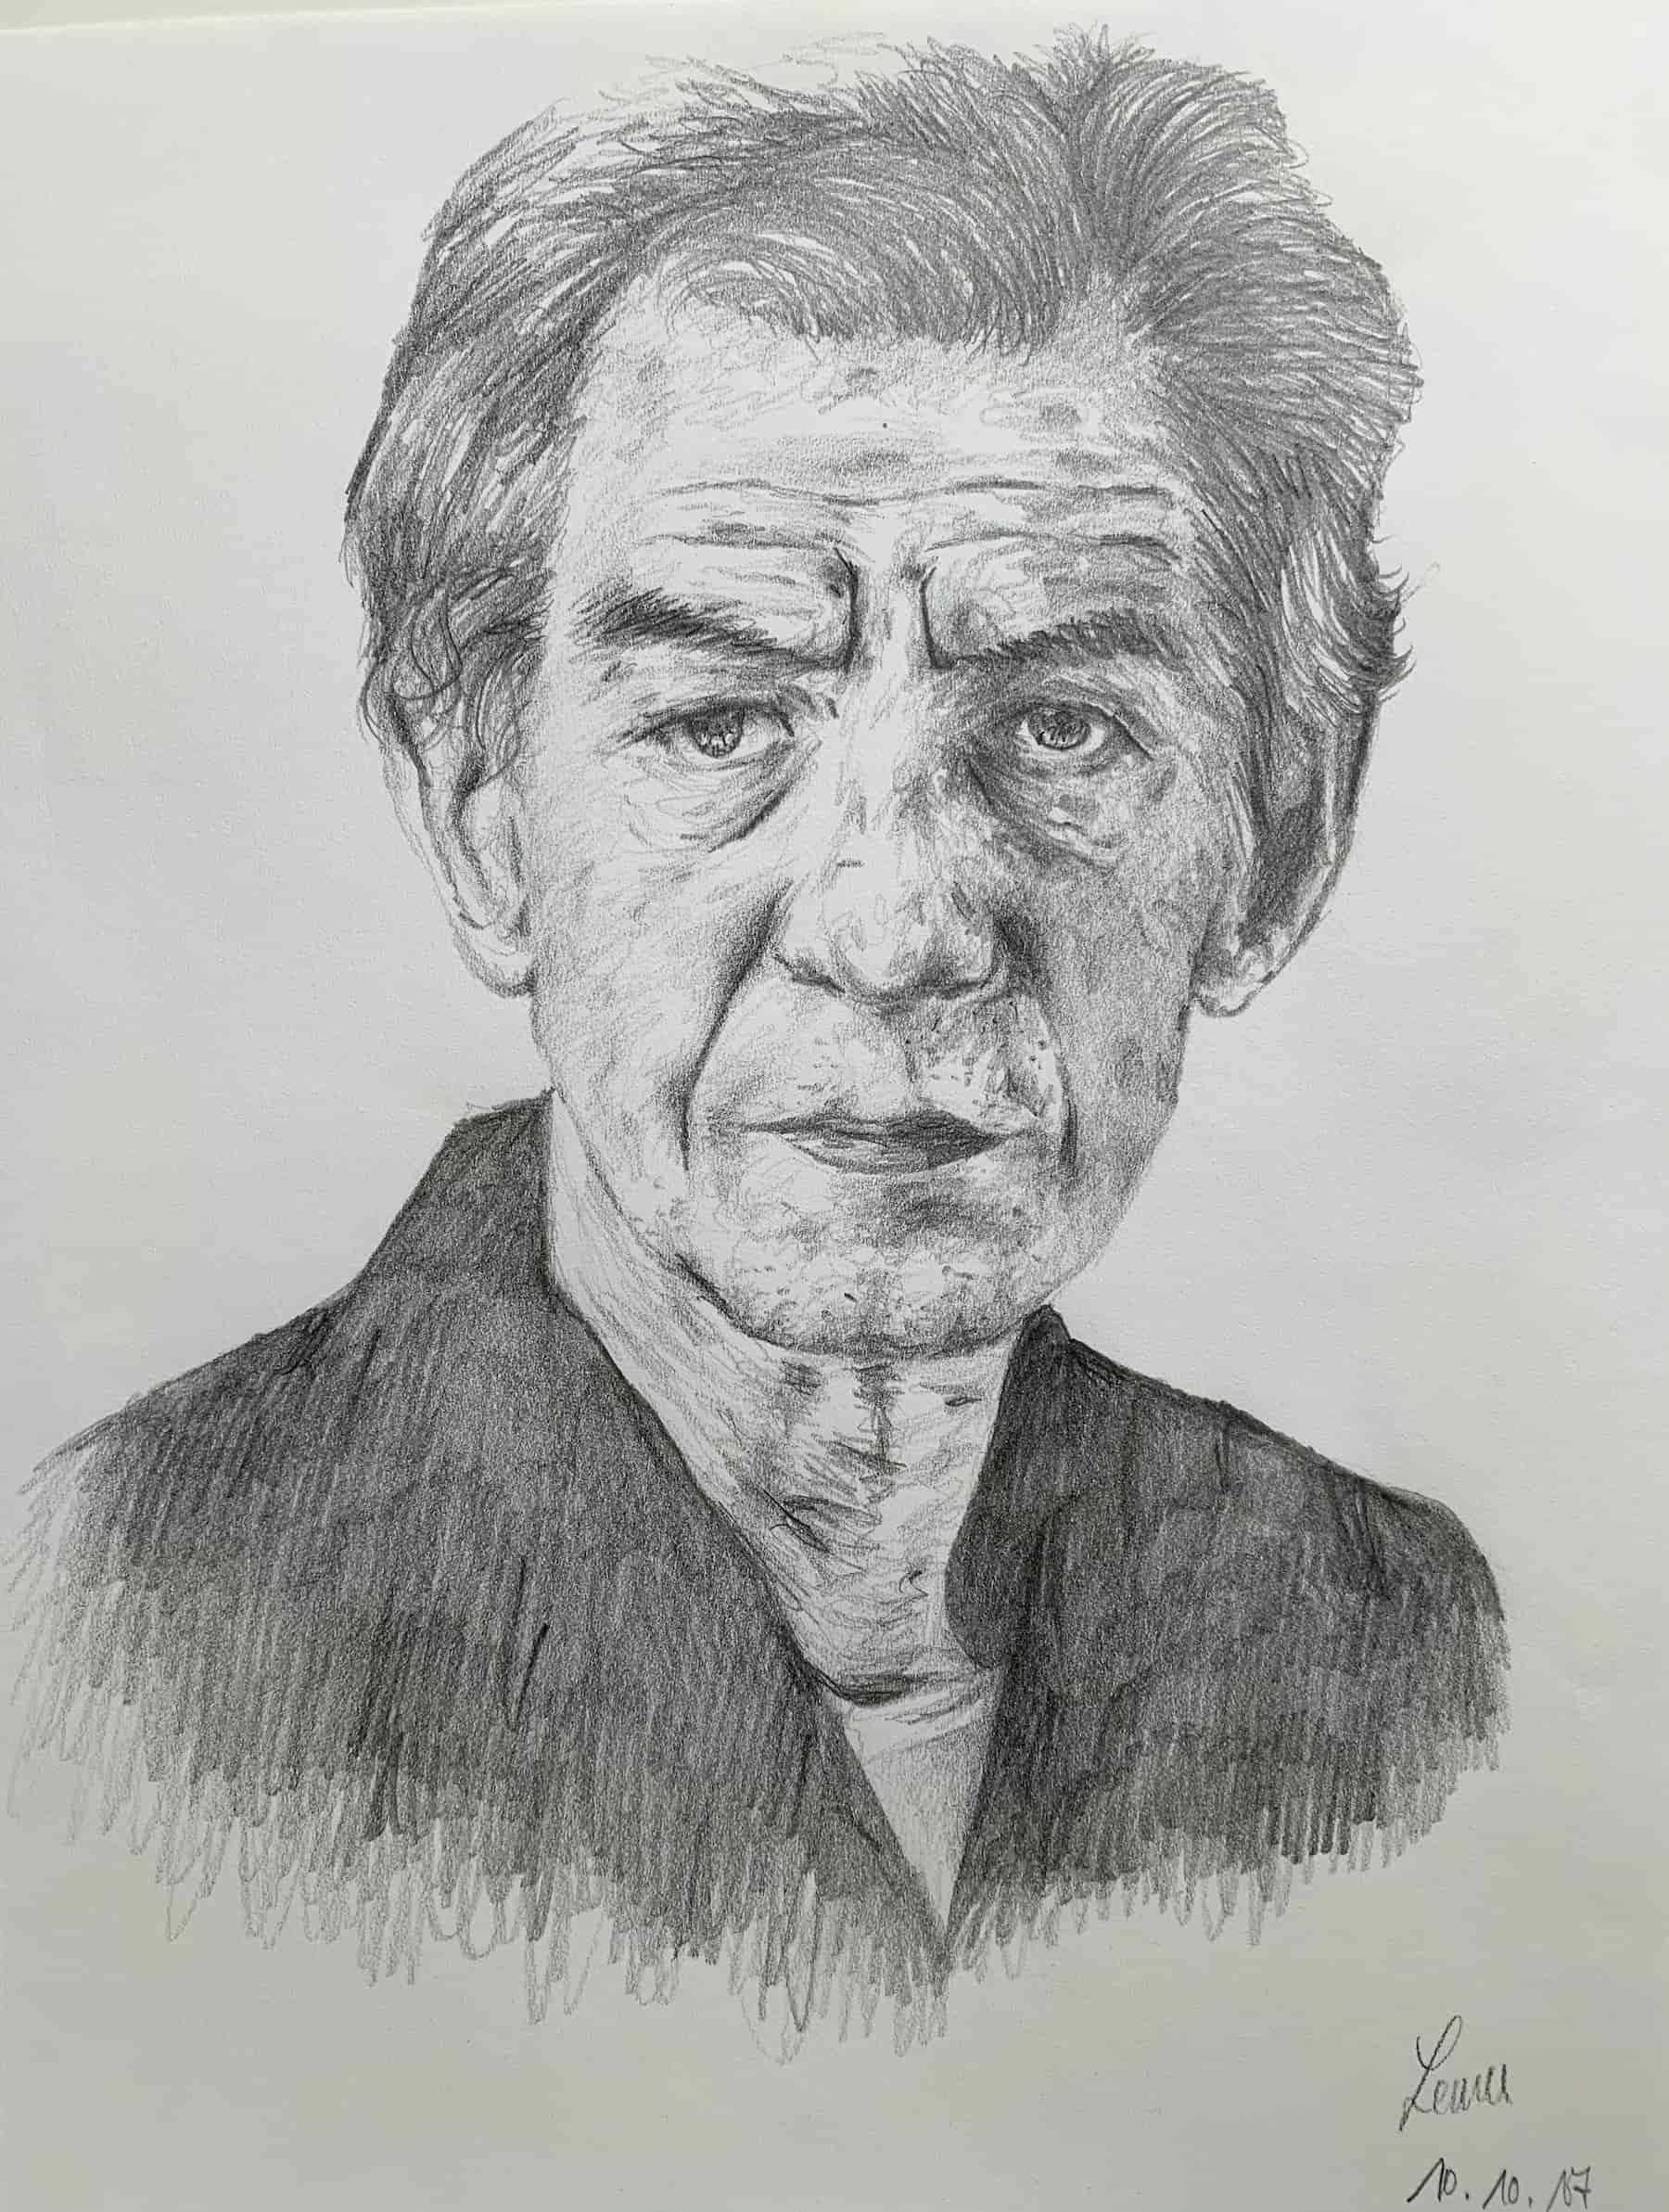 Ian McKellen; 2017; A4; Bleistift auf Zeichenpapier